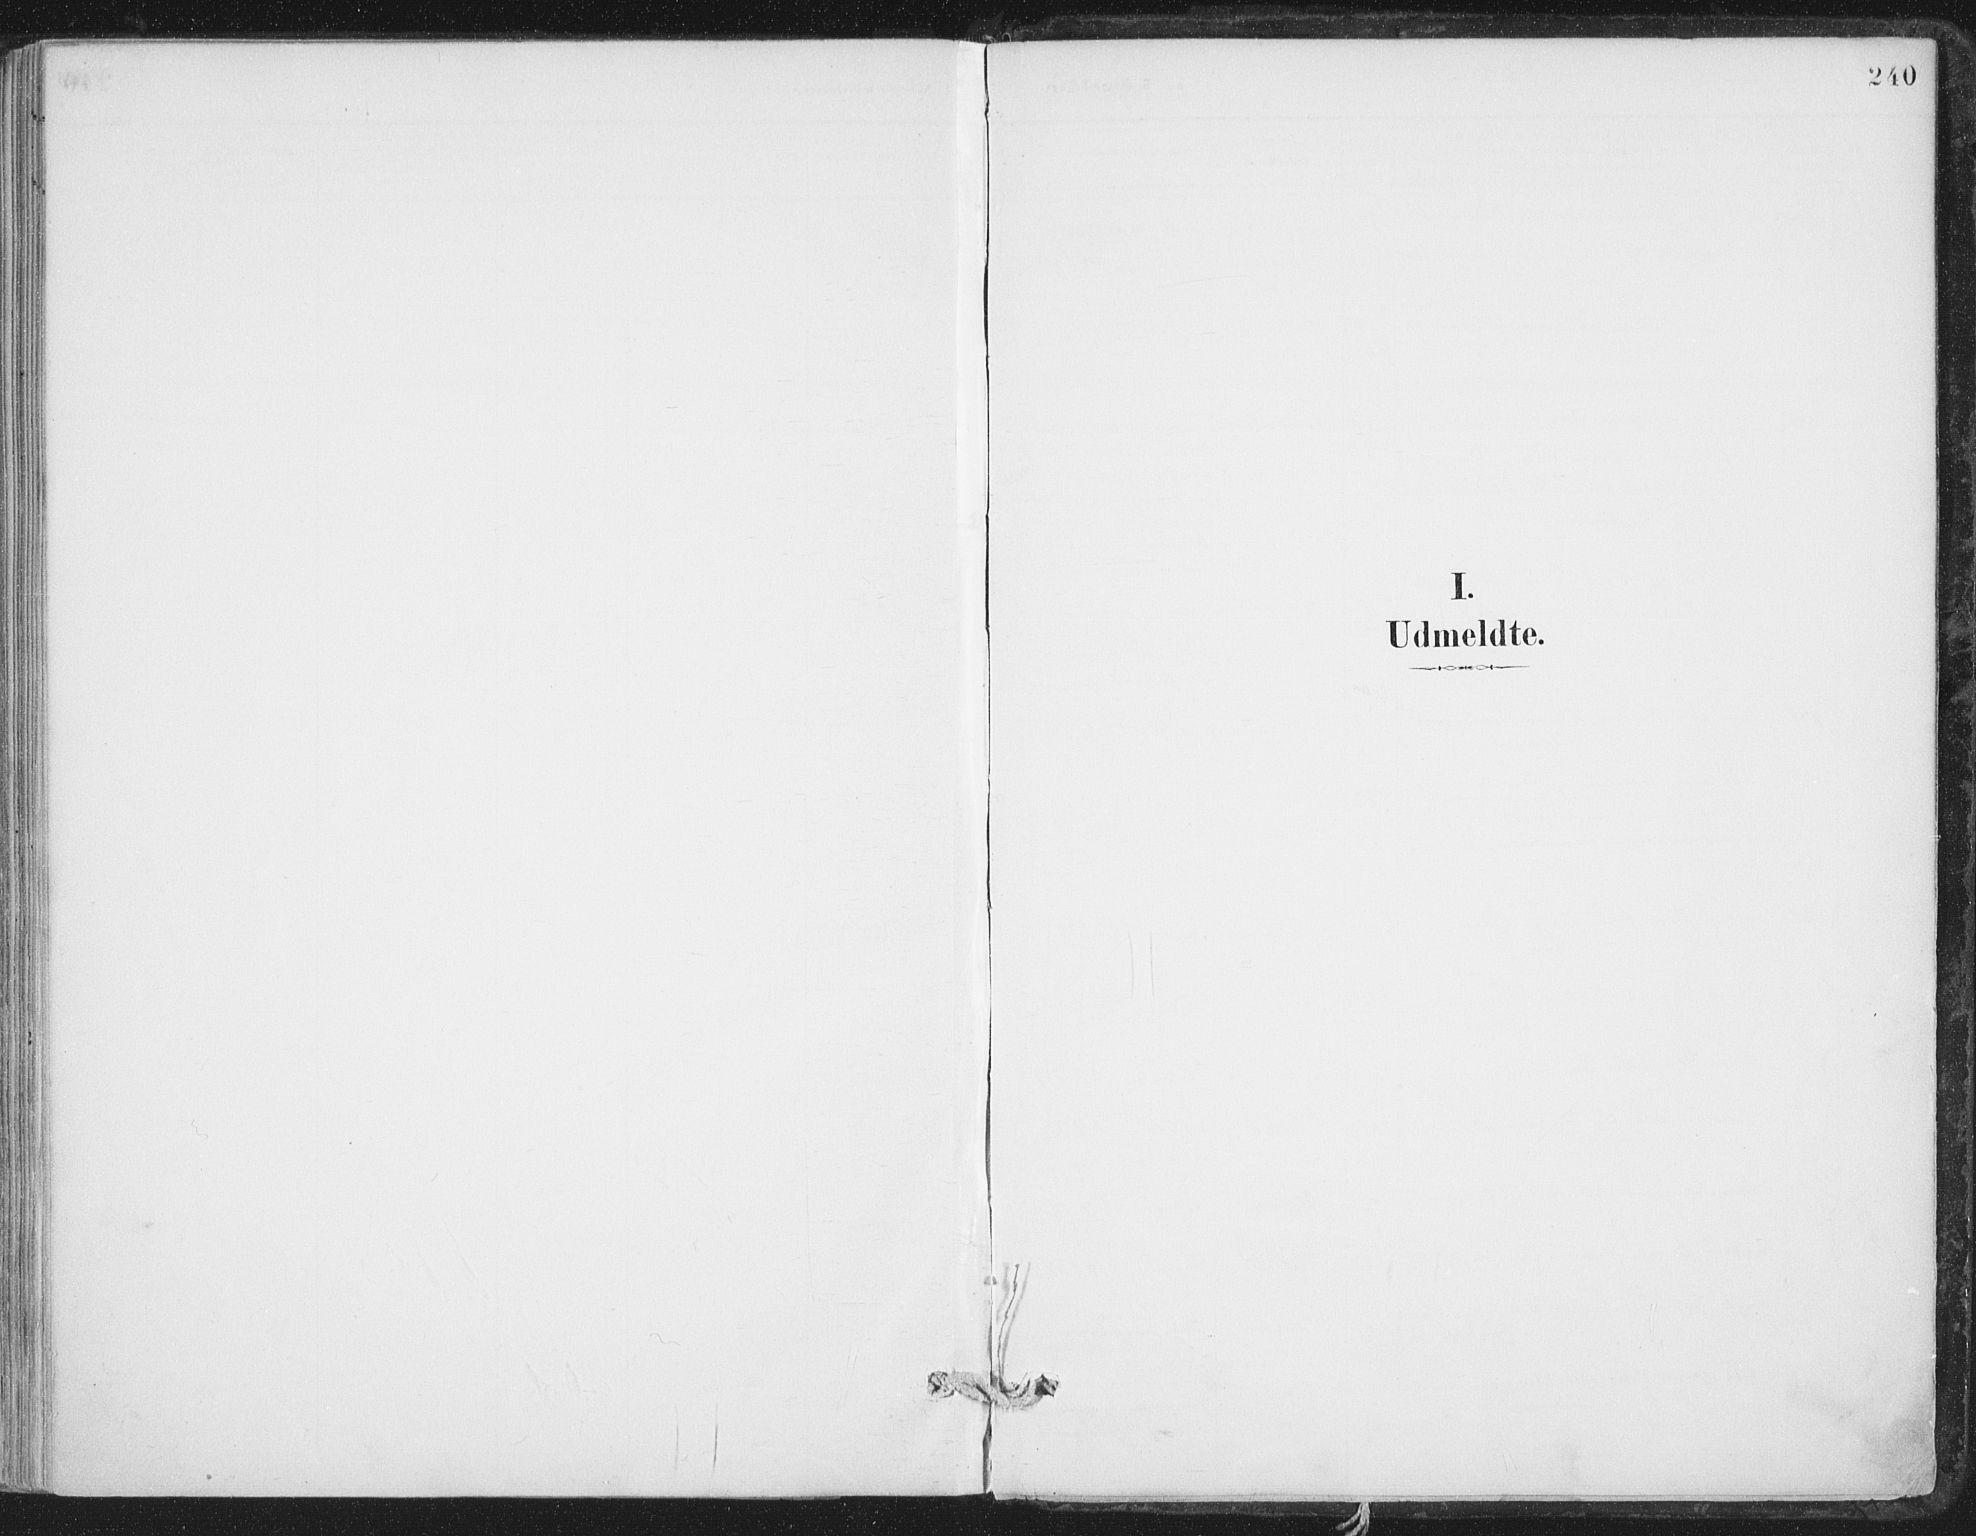 SAT, Ministerialprotokoller, klokkerbøker og fødselsregistre - Nord-Trøndelag, 786/L0687: Ministerialbok nr. 786A03, 1888-1898, s. 240